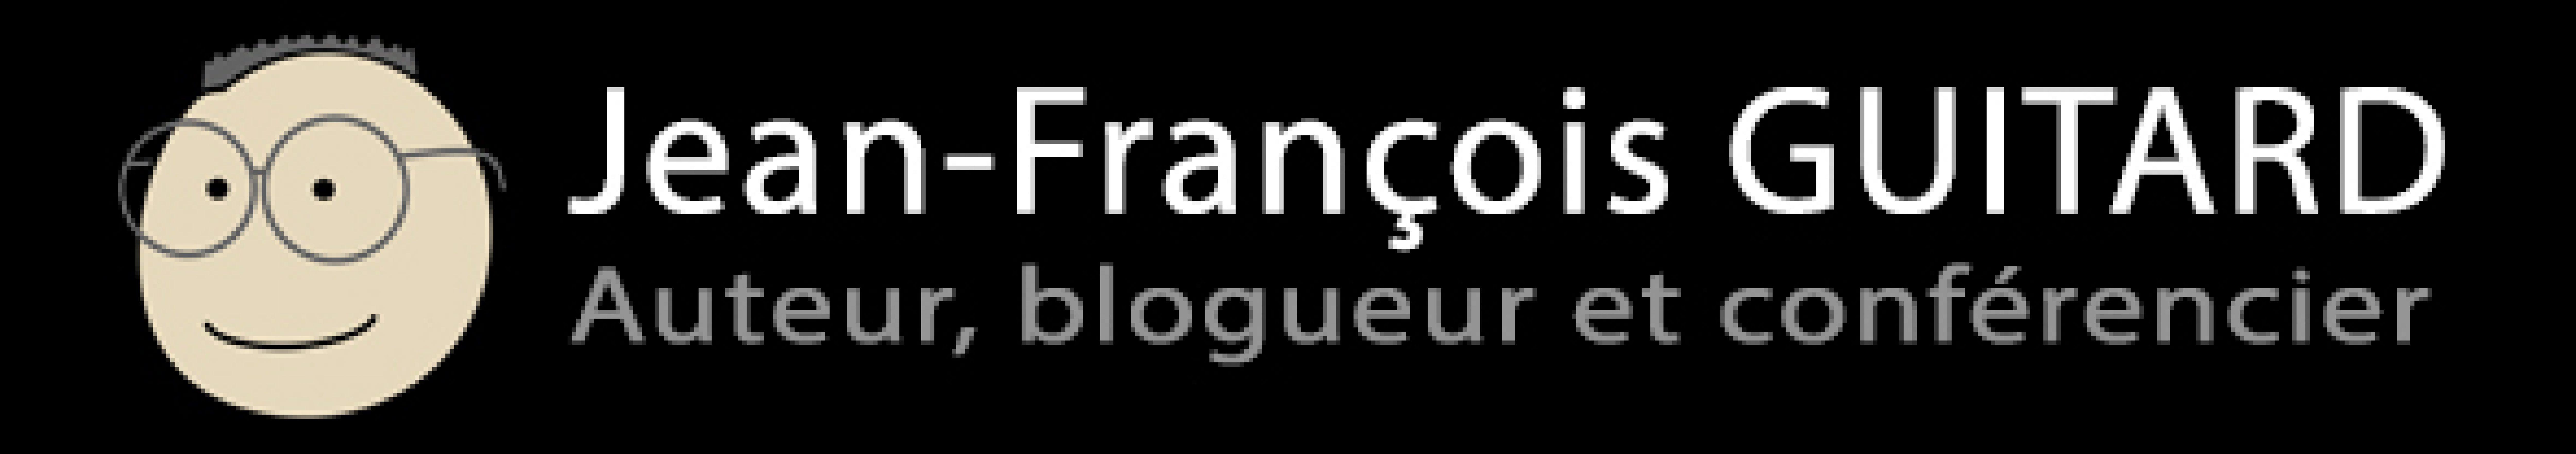 Jean-François Guitard : Auteur, blogueur et conférencier spécialisé en communication et marketing